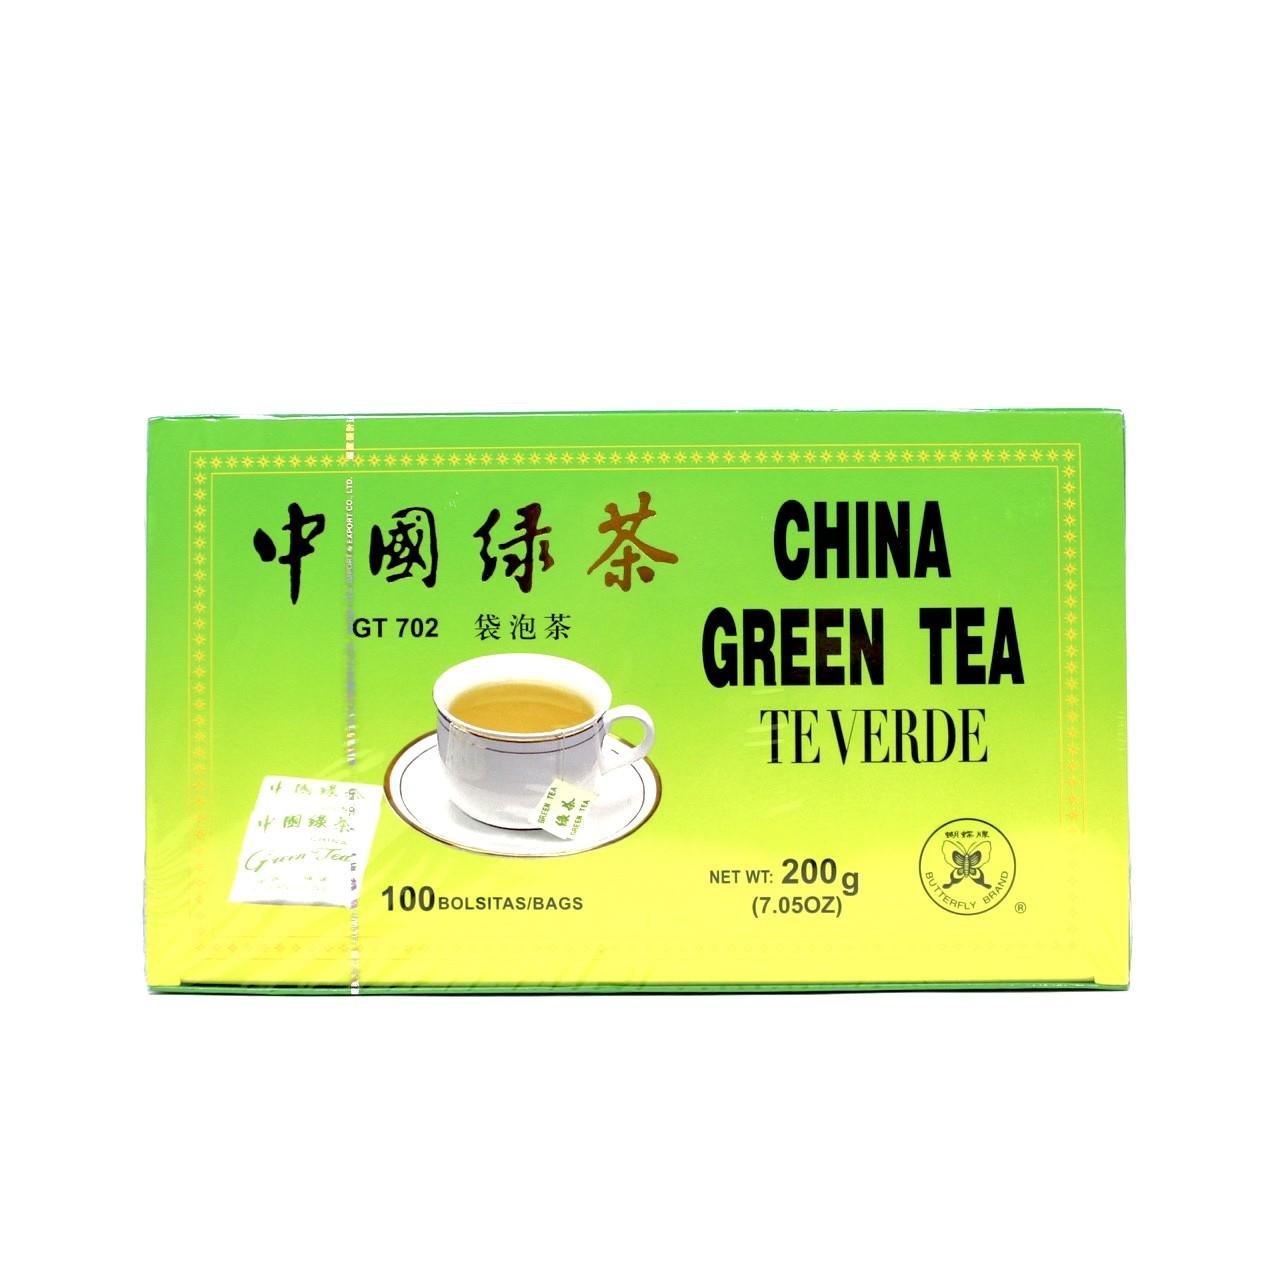 FUJIAN GREEN TEA 2g X 100 SACHET GT702